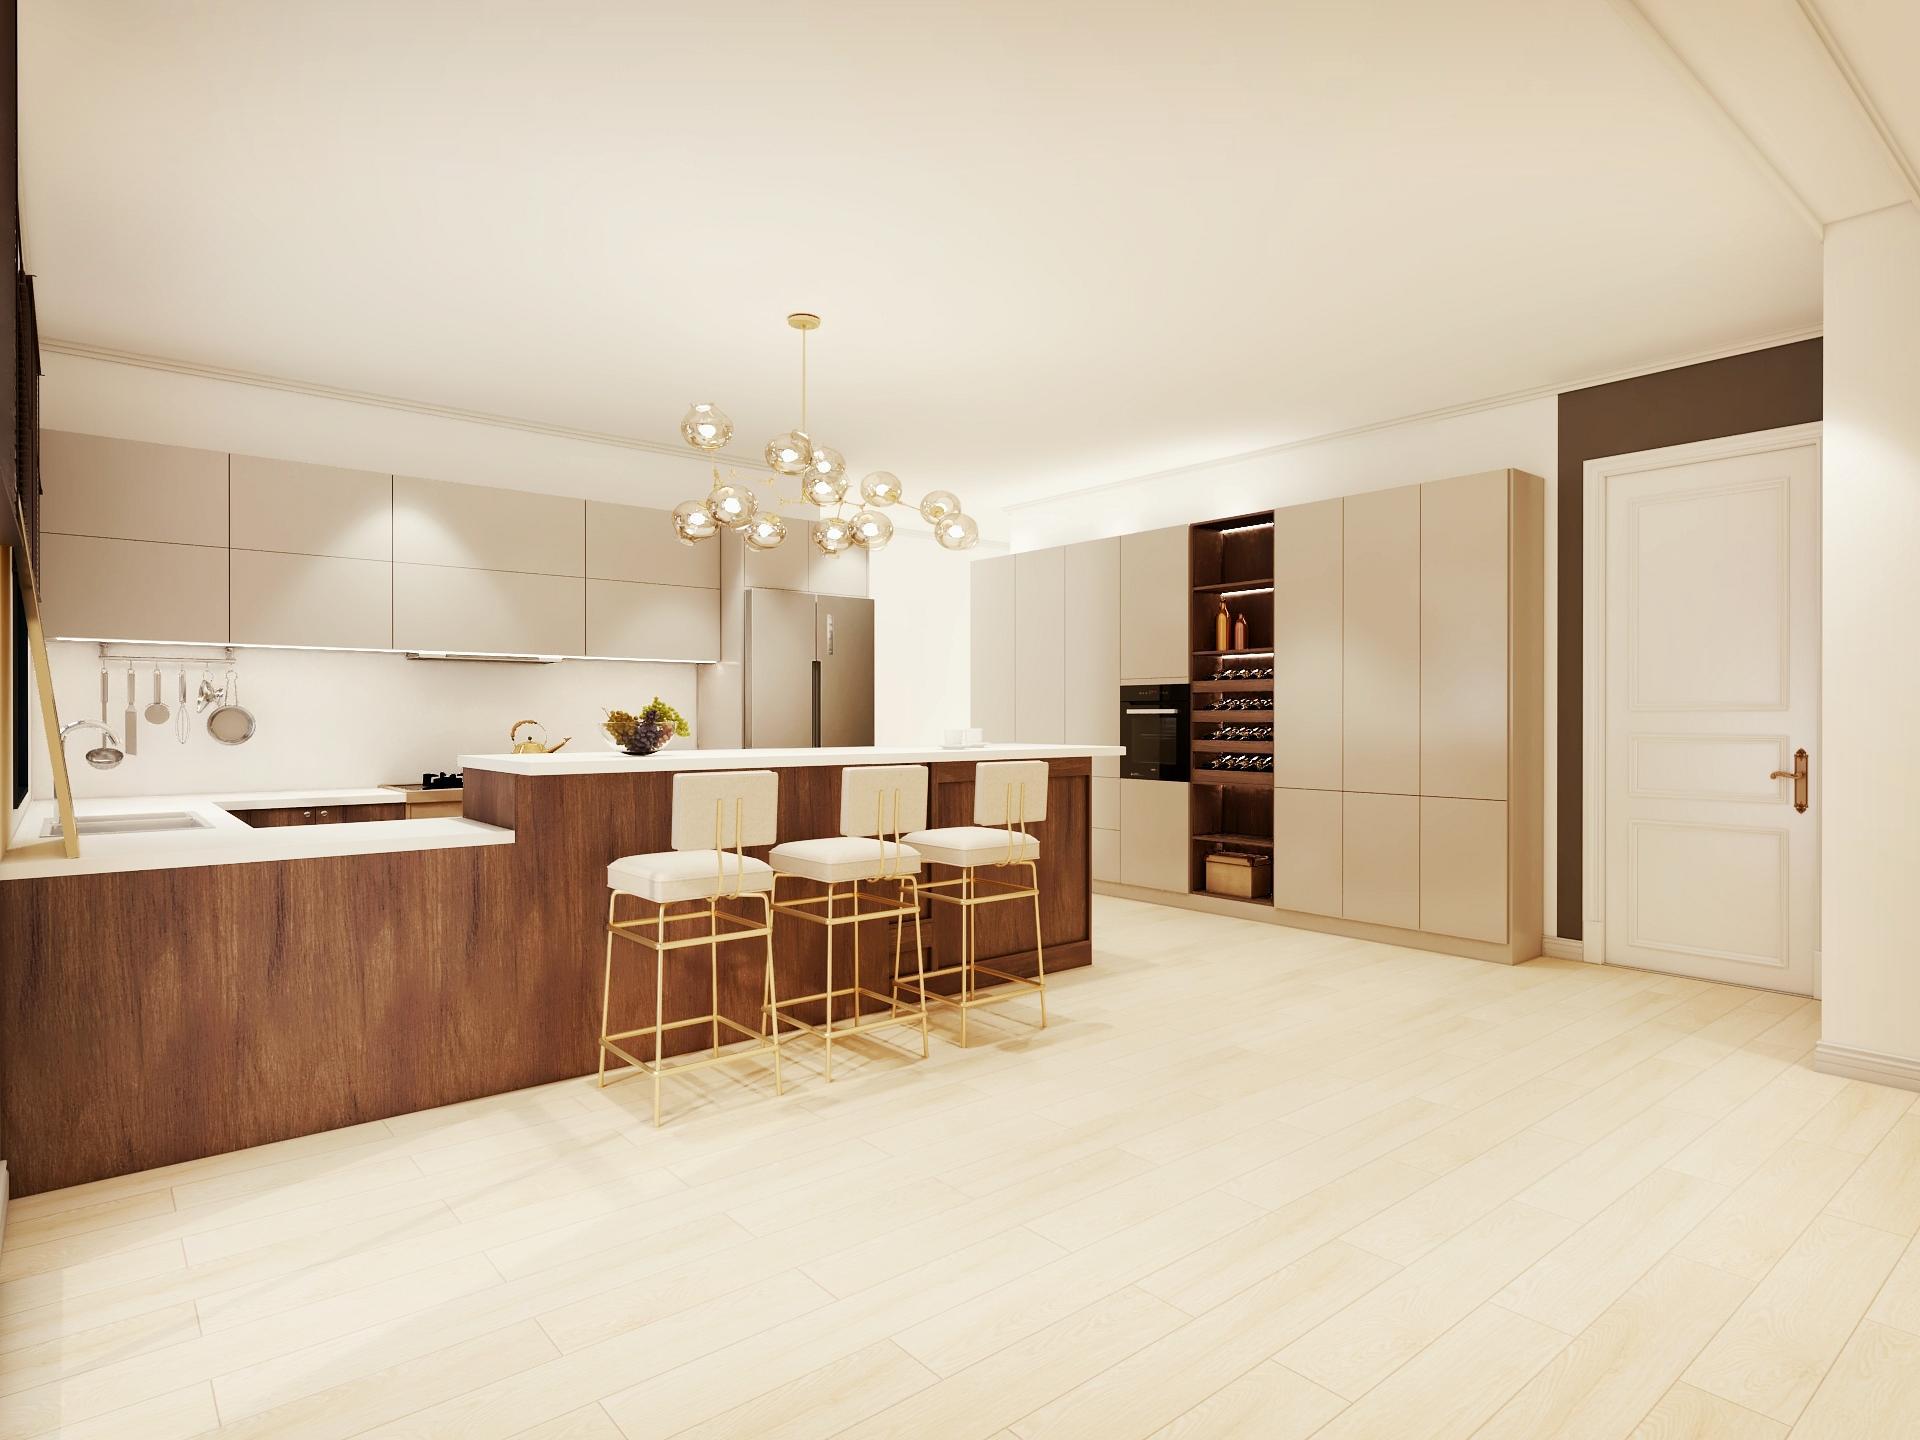 Planificar cocinas con AiHouse